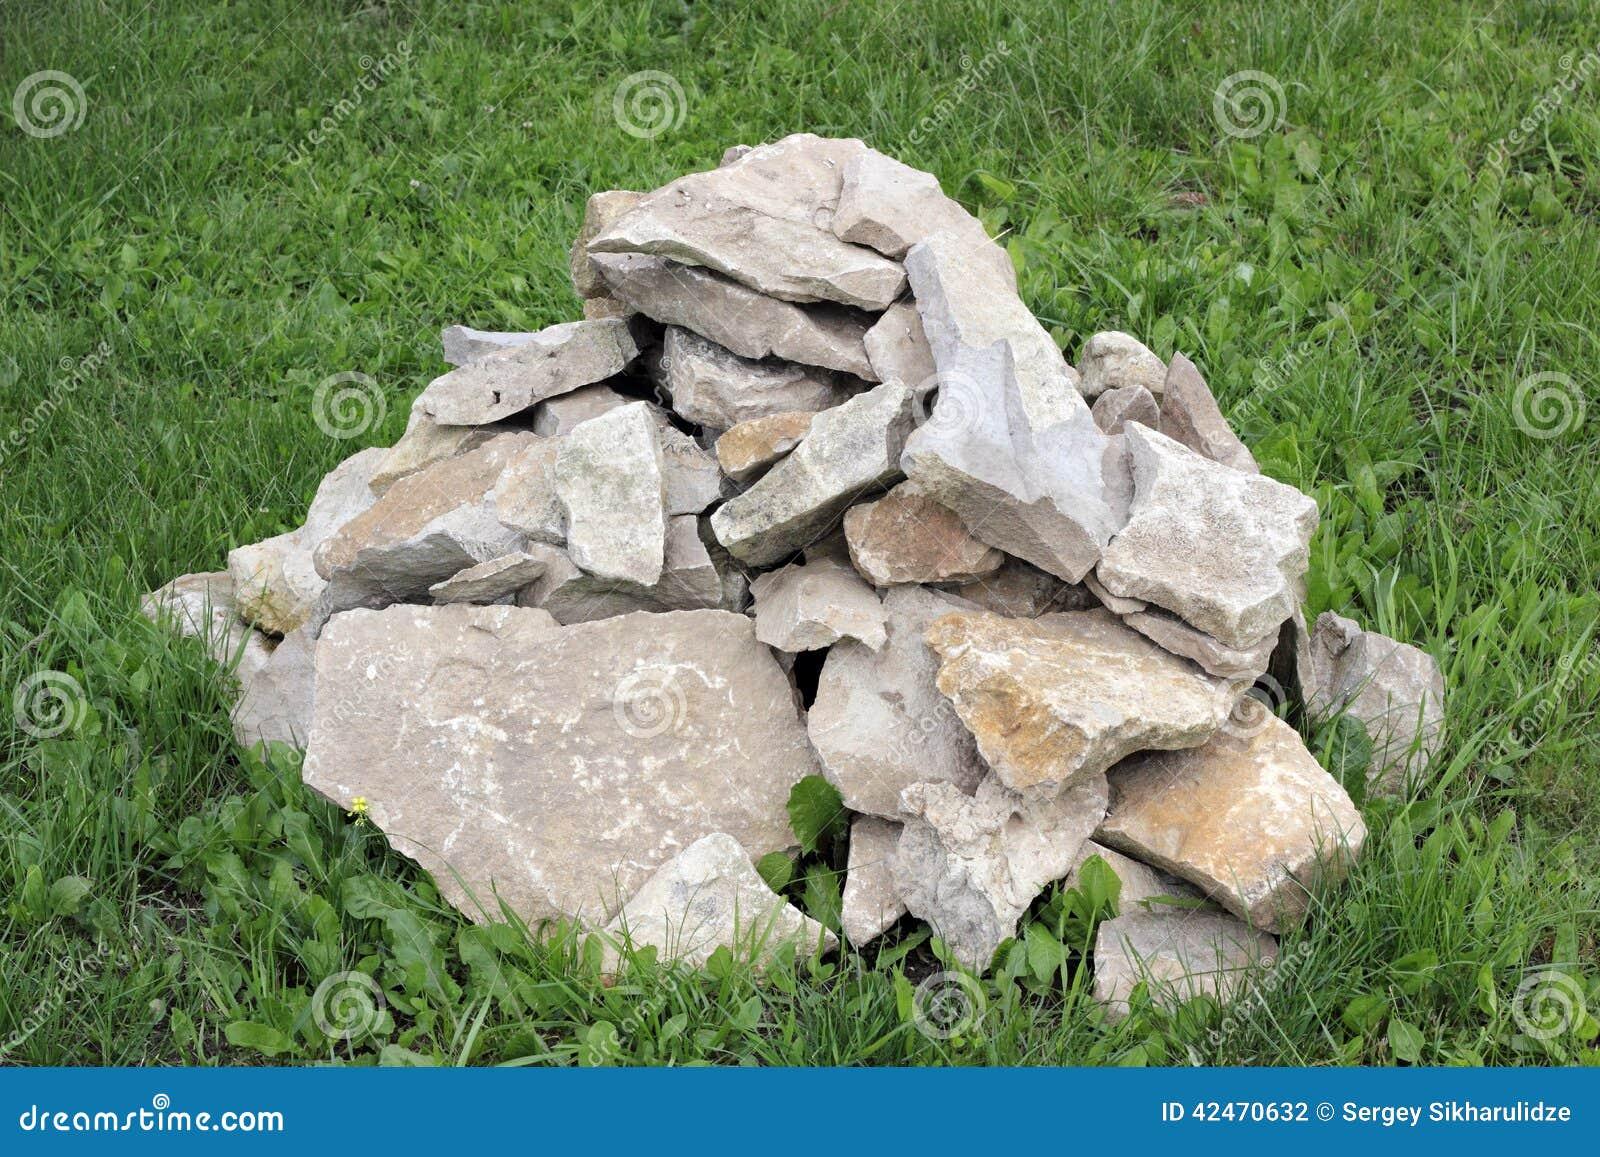 Ein Stapel von rauen Felsen auf dem grünen Gras